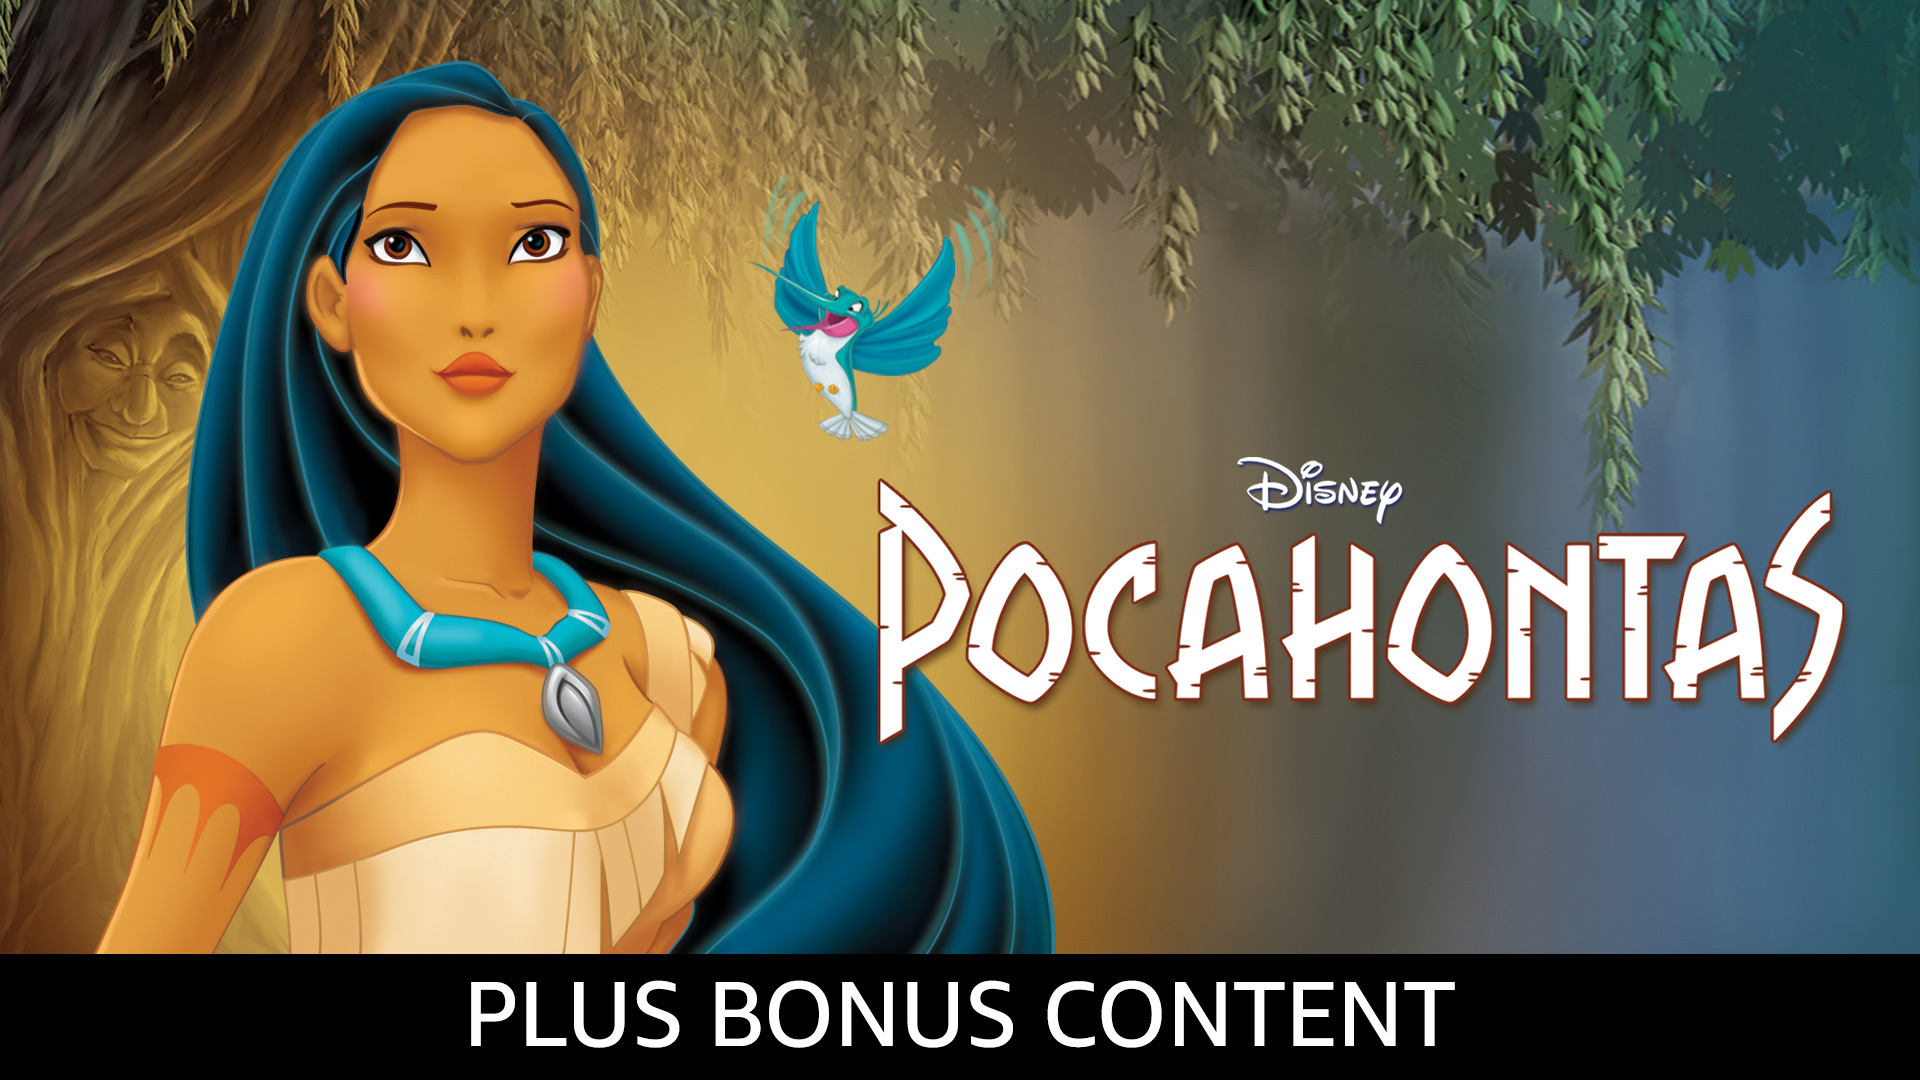 Pocahontas (Plus Bonus Content)